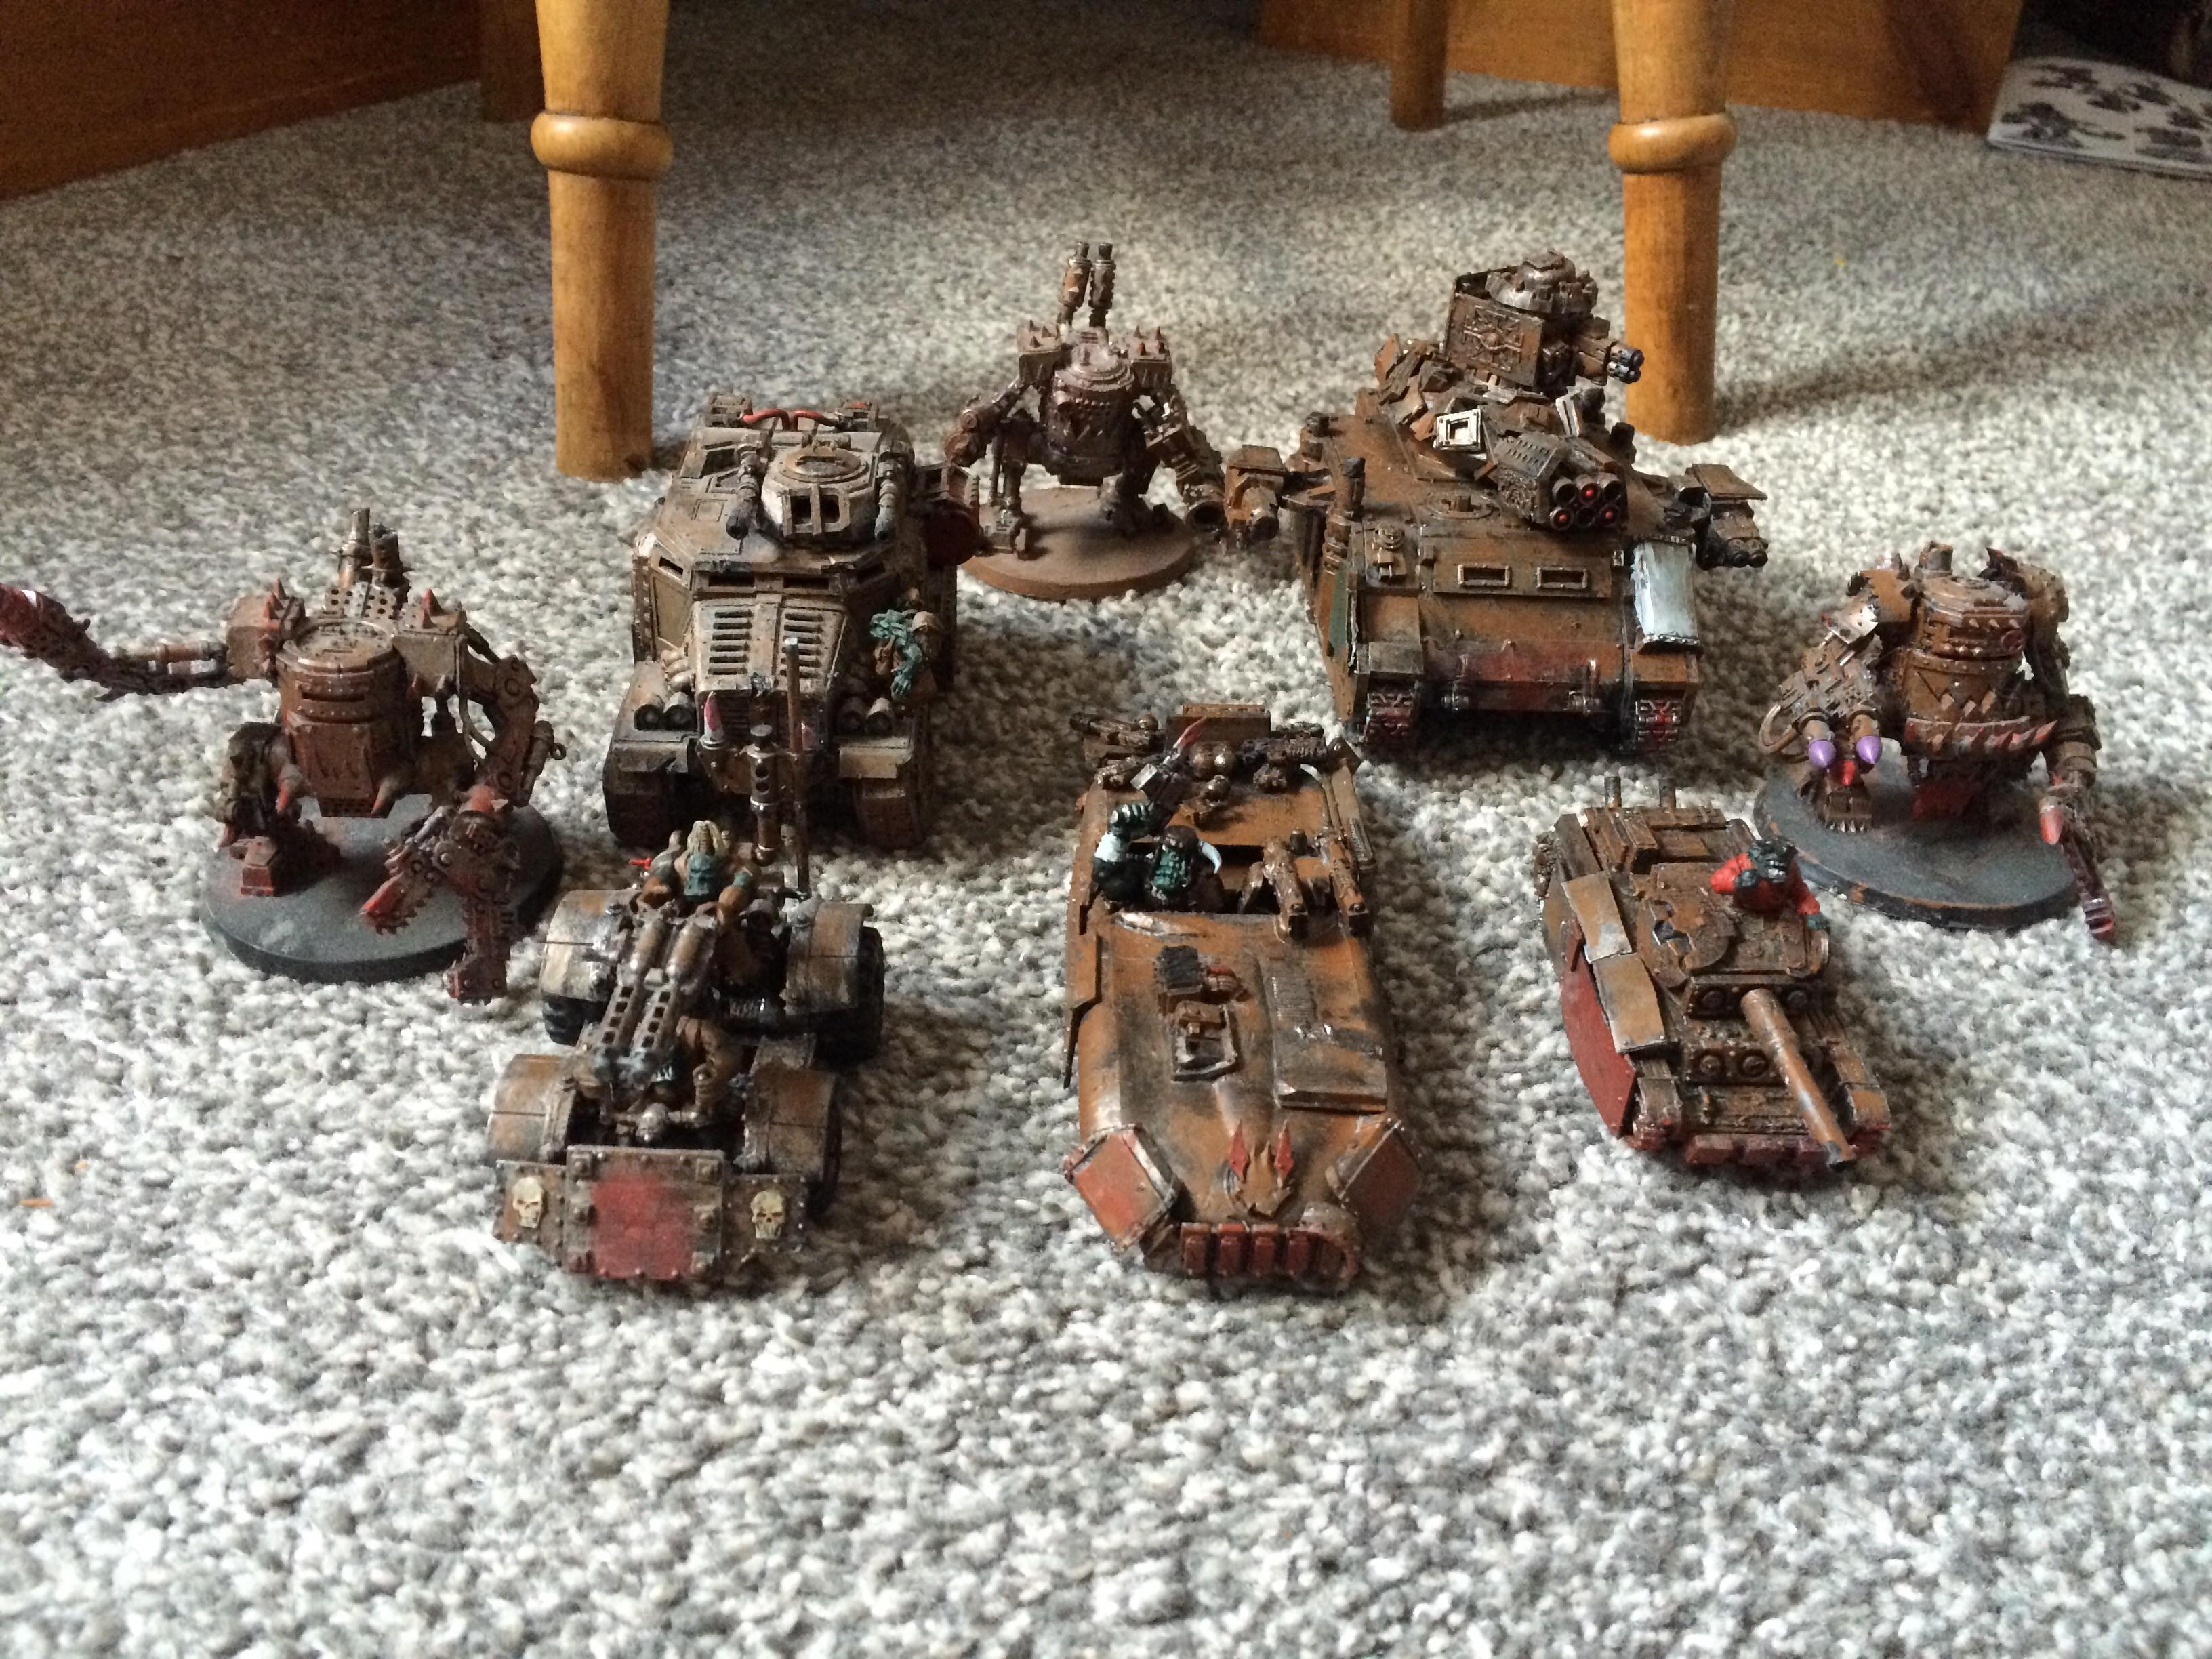 Buggy, Conversion, Killa Kan, Looted Vehicles, Orks